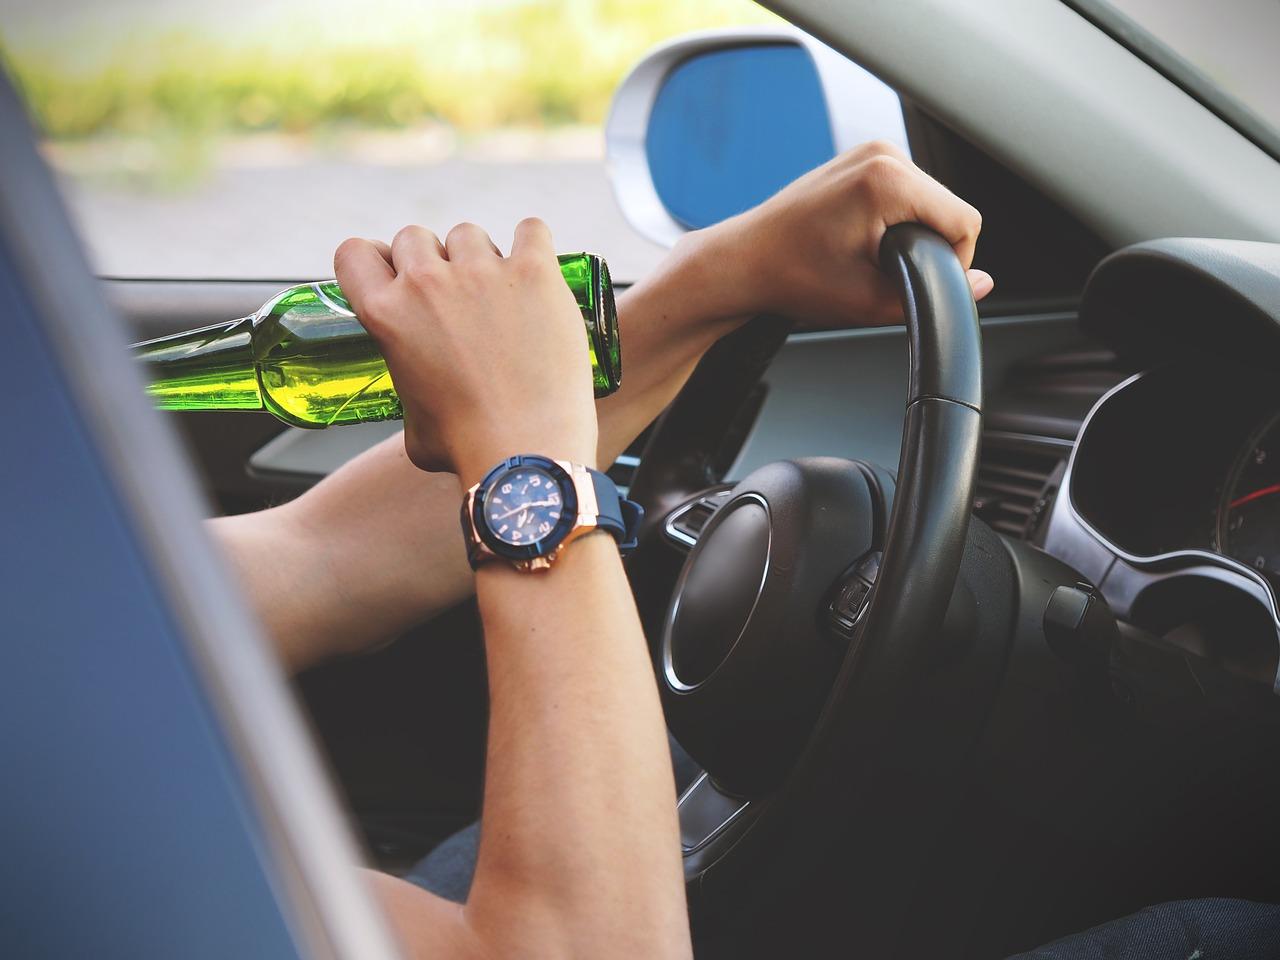 Conducir bajo efectos del alcohol aumenta las posibilidades de provocar un accidente de tránsito